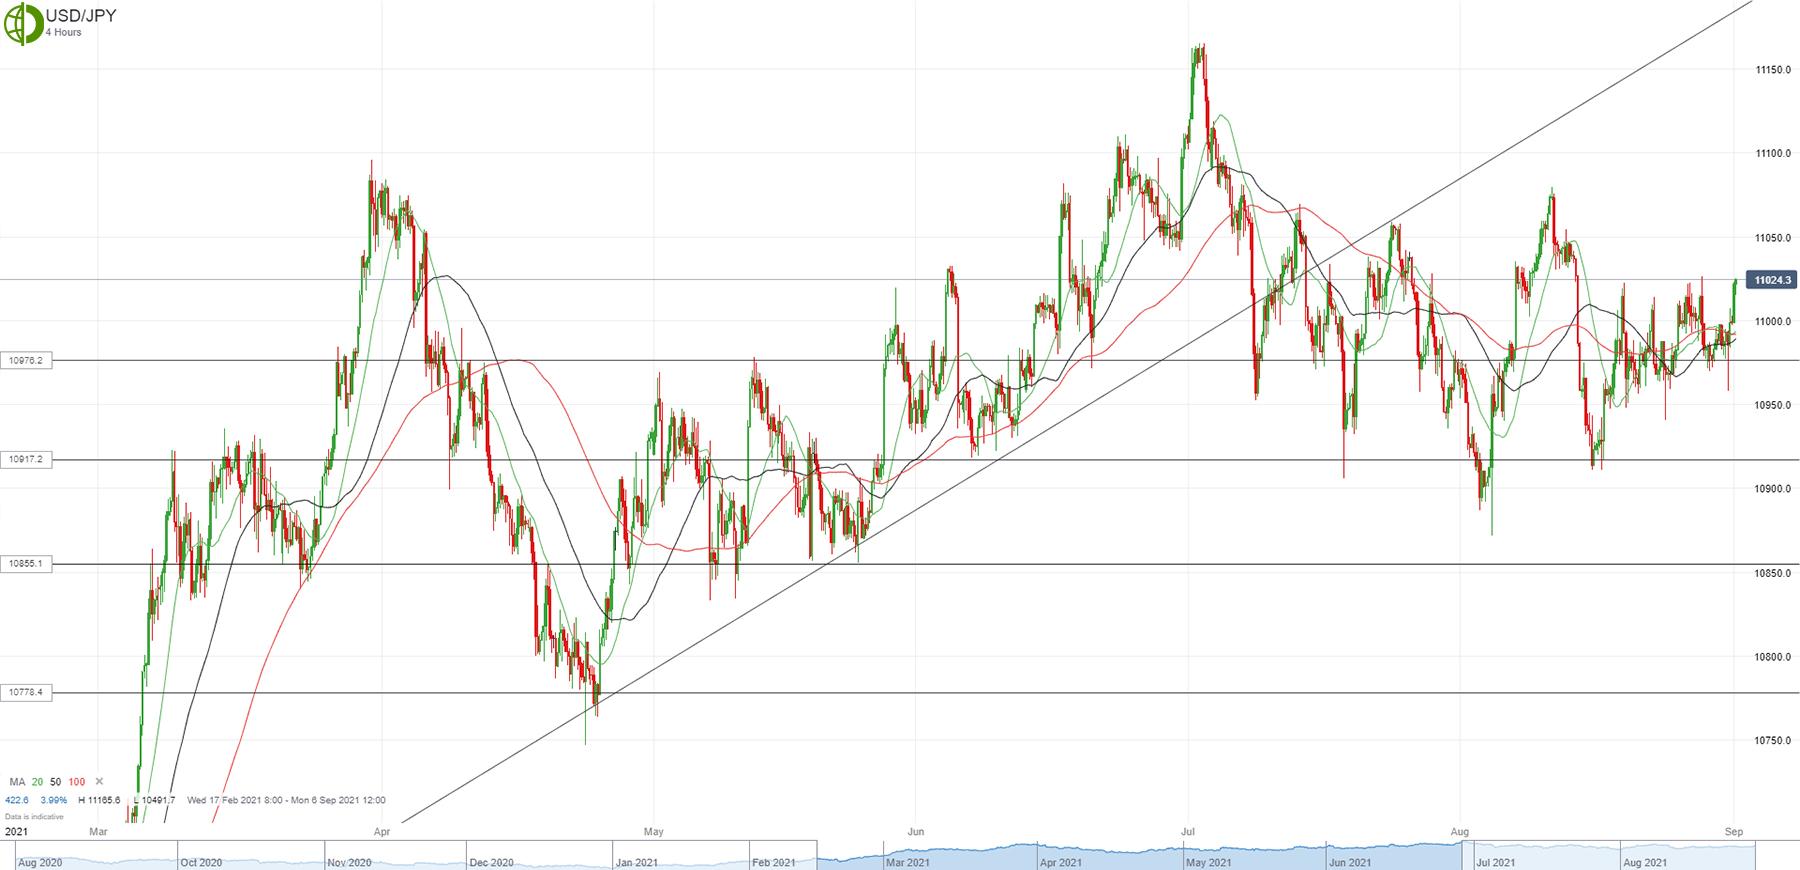 Доллар/йена снова пытается пробить 110.23